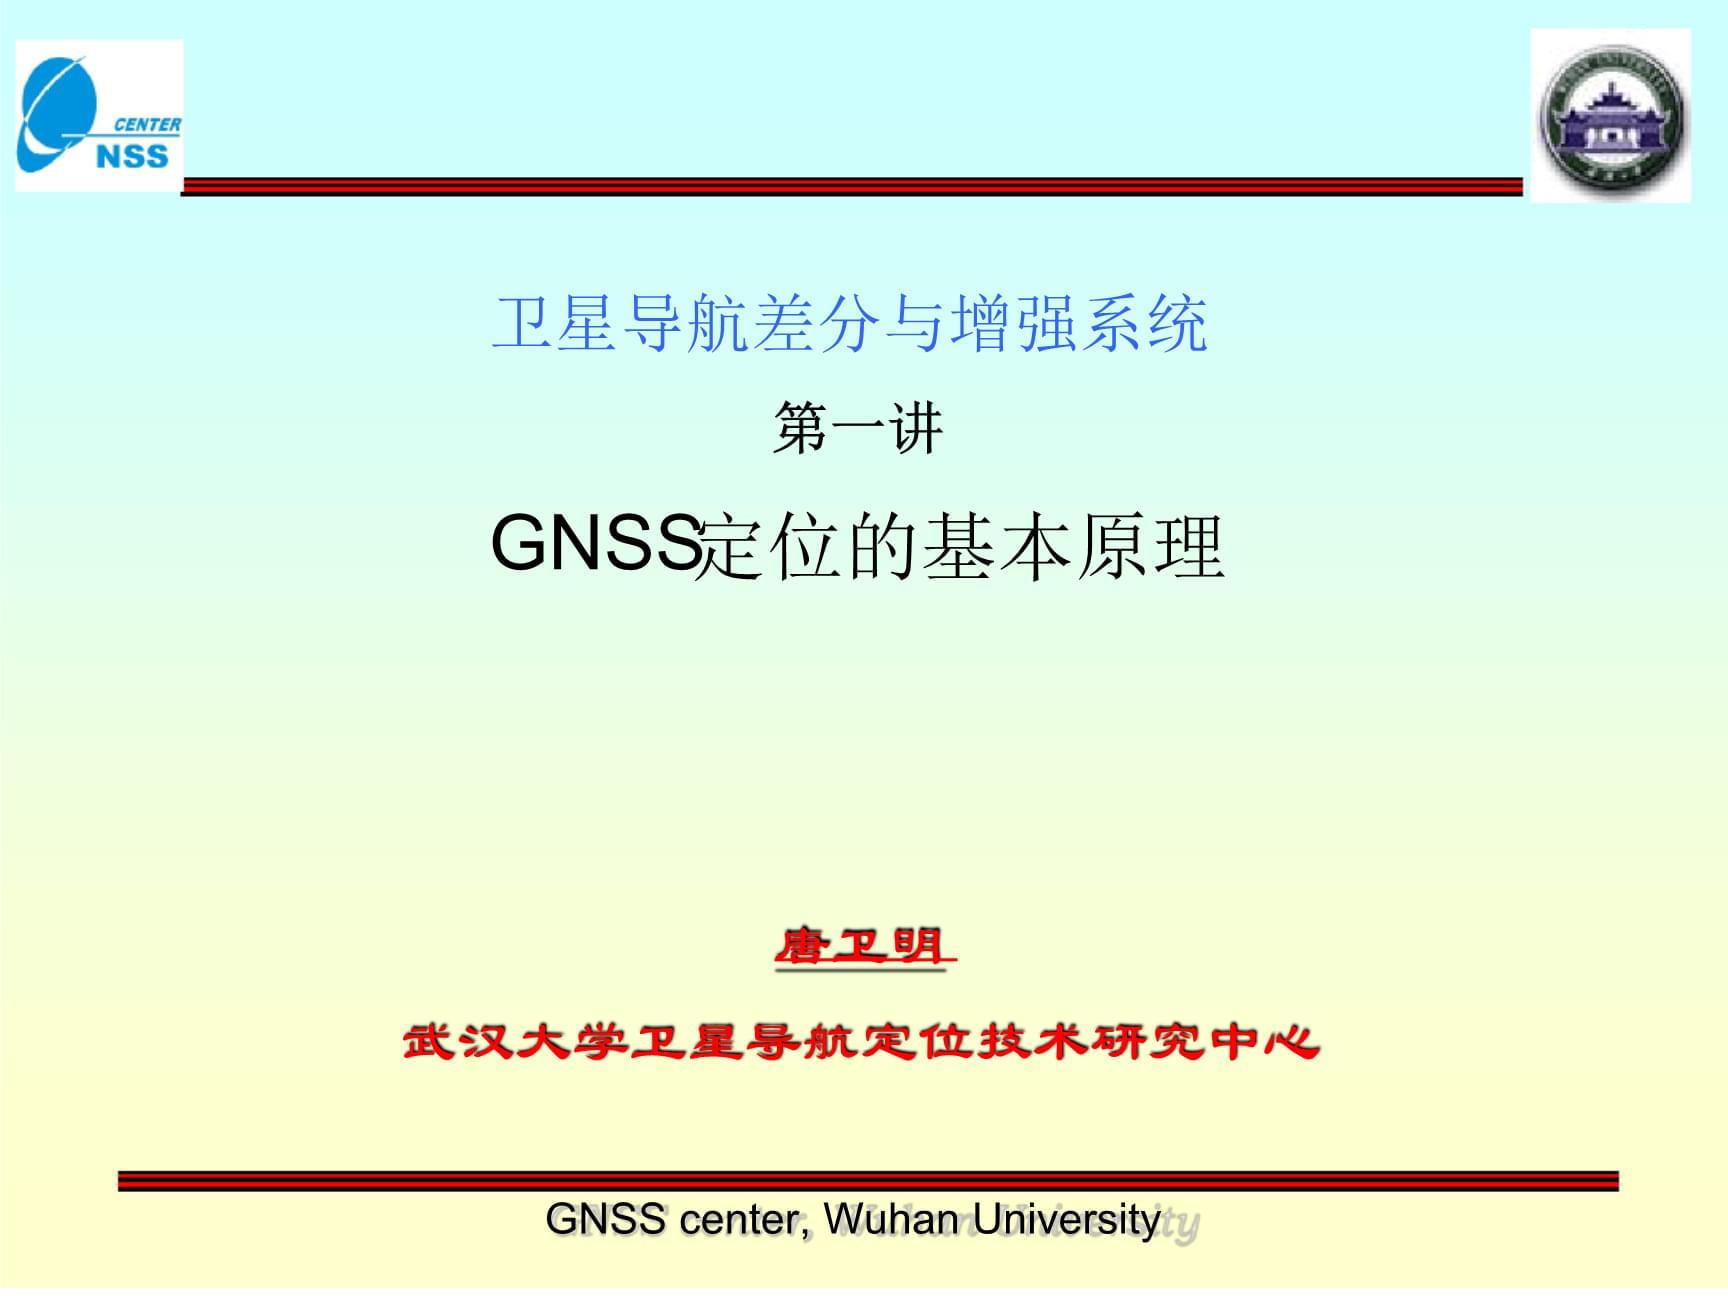 第一讲GNSS定位的基本原理.ppt